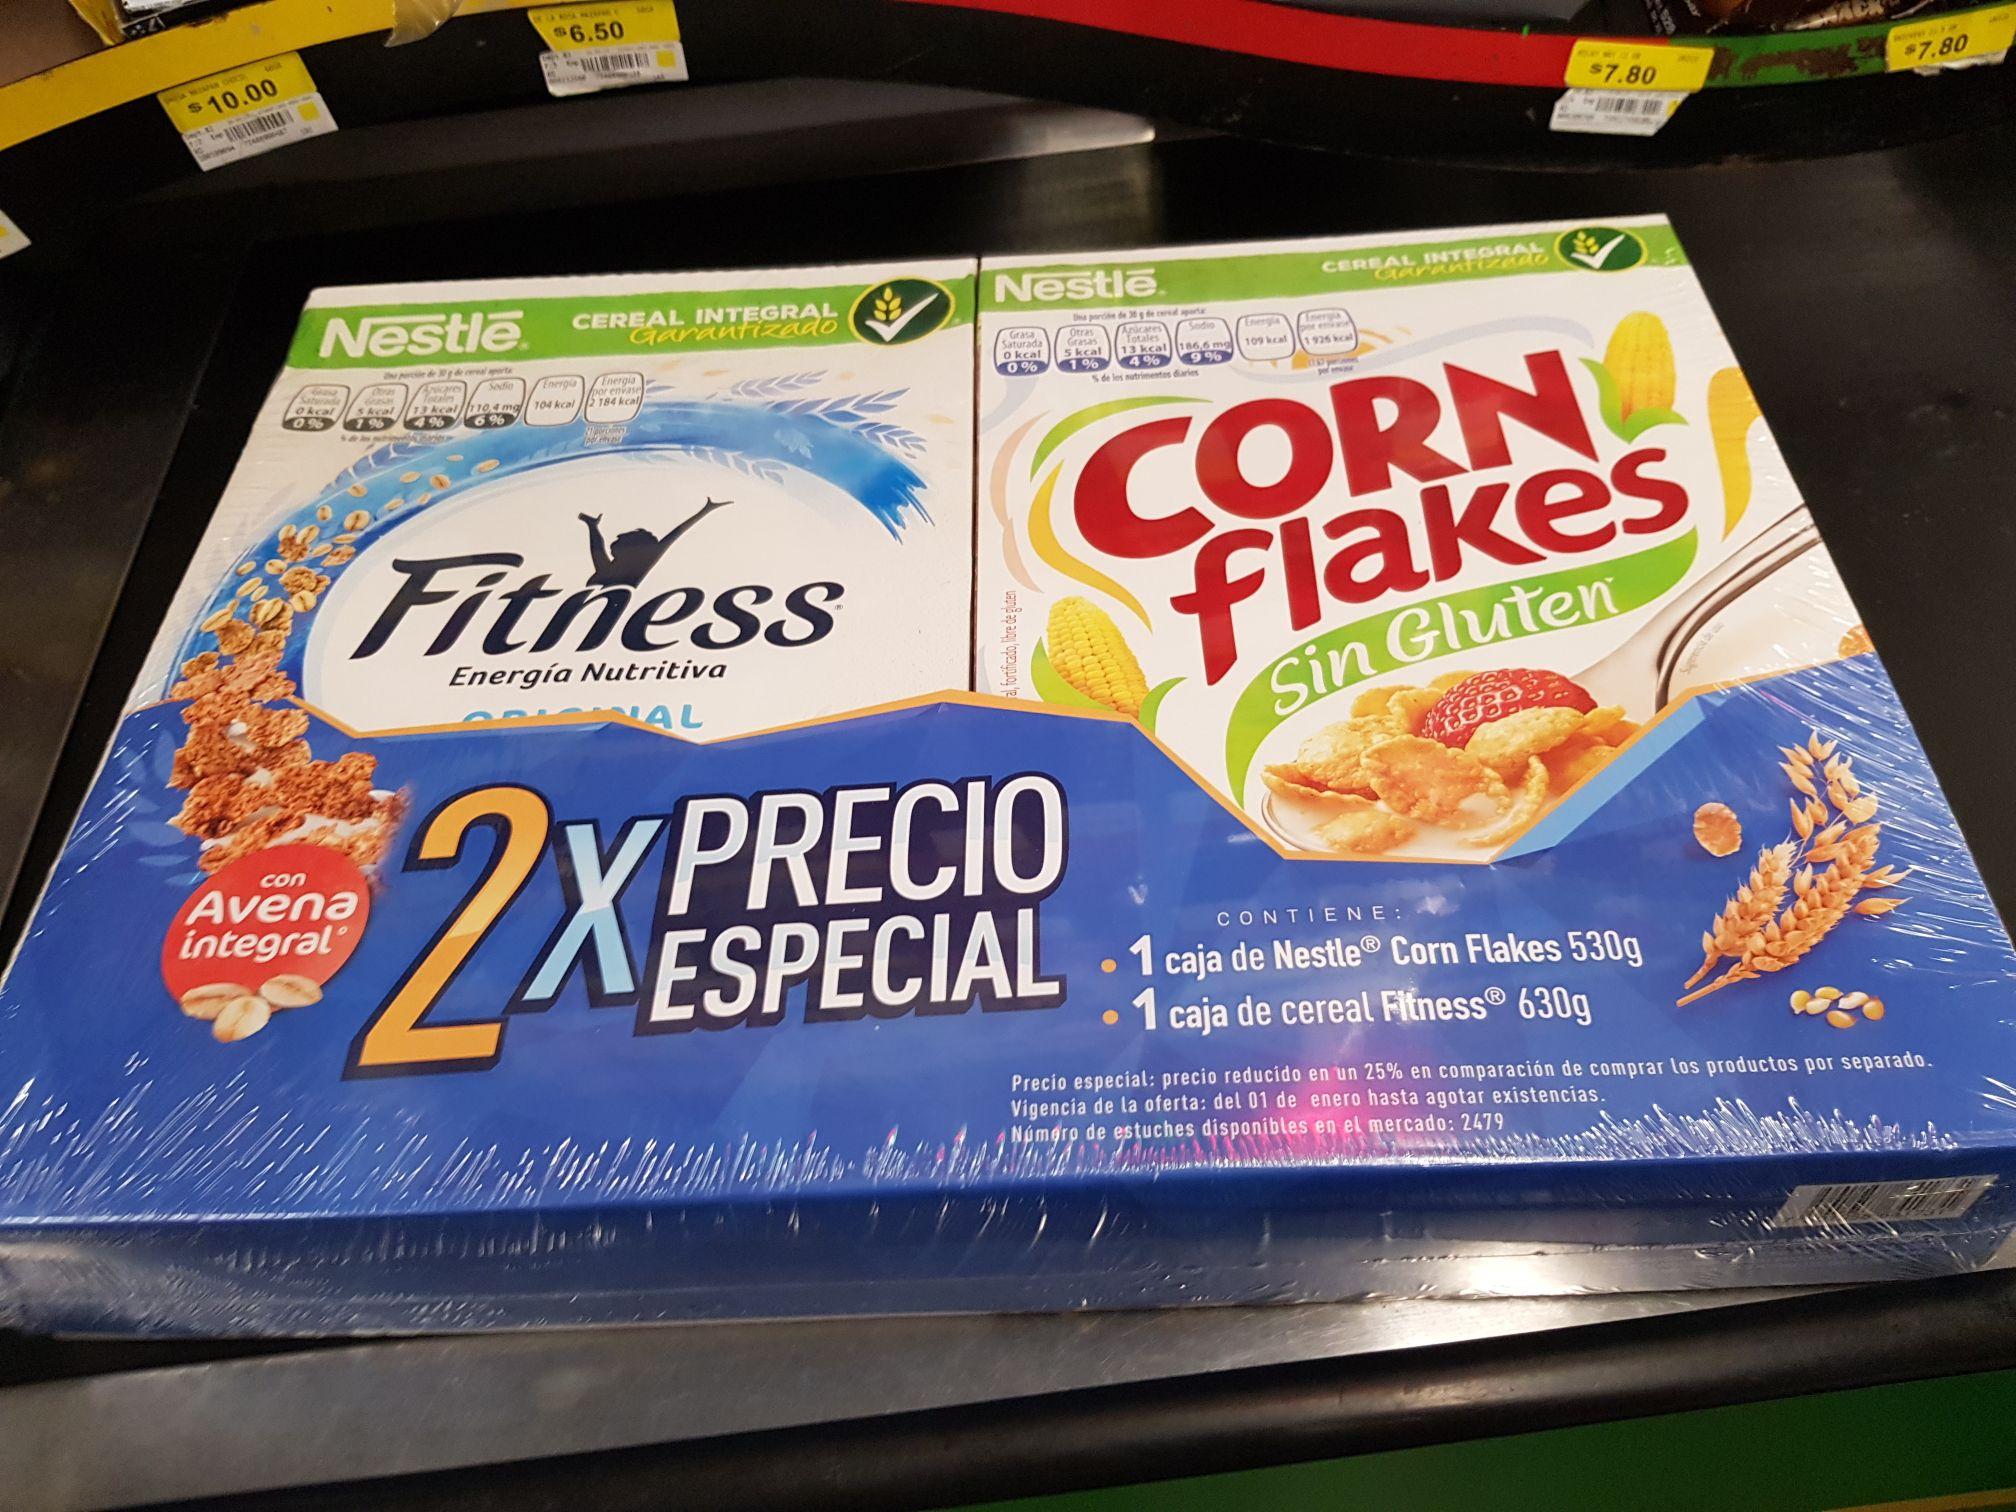 Bodega Aurrera Corales: Cereal 2 pack en 32.03 y rasuradora de cartucho 40.03